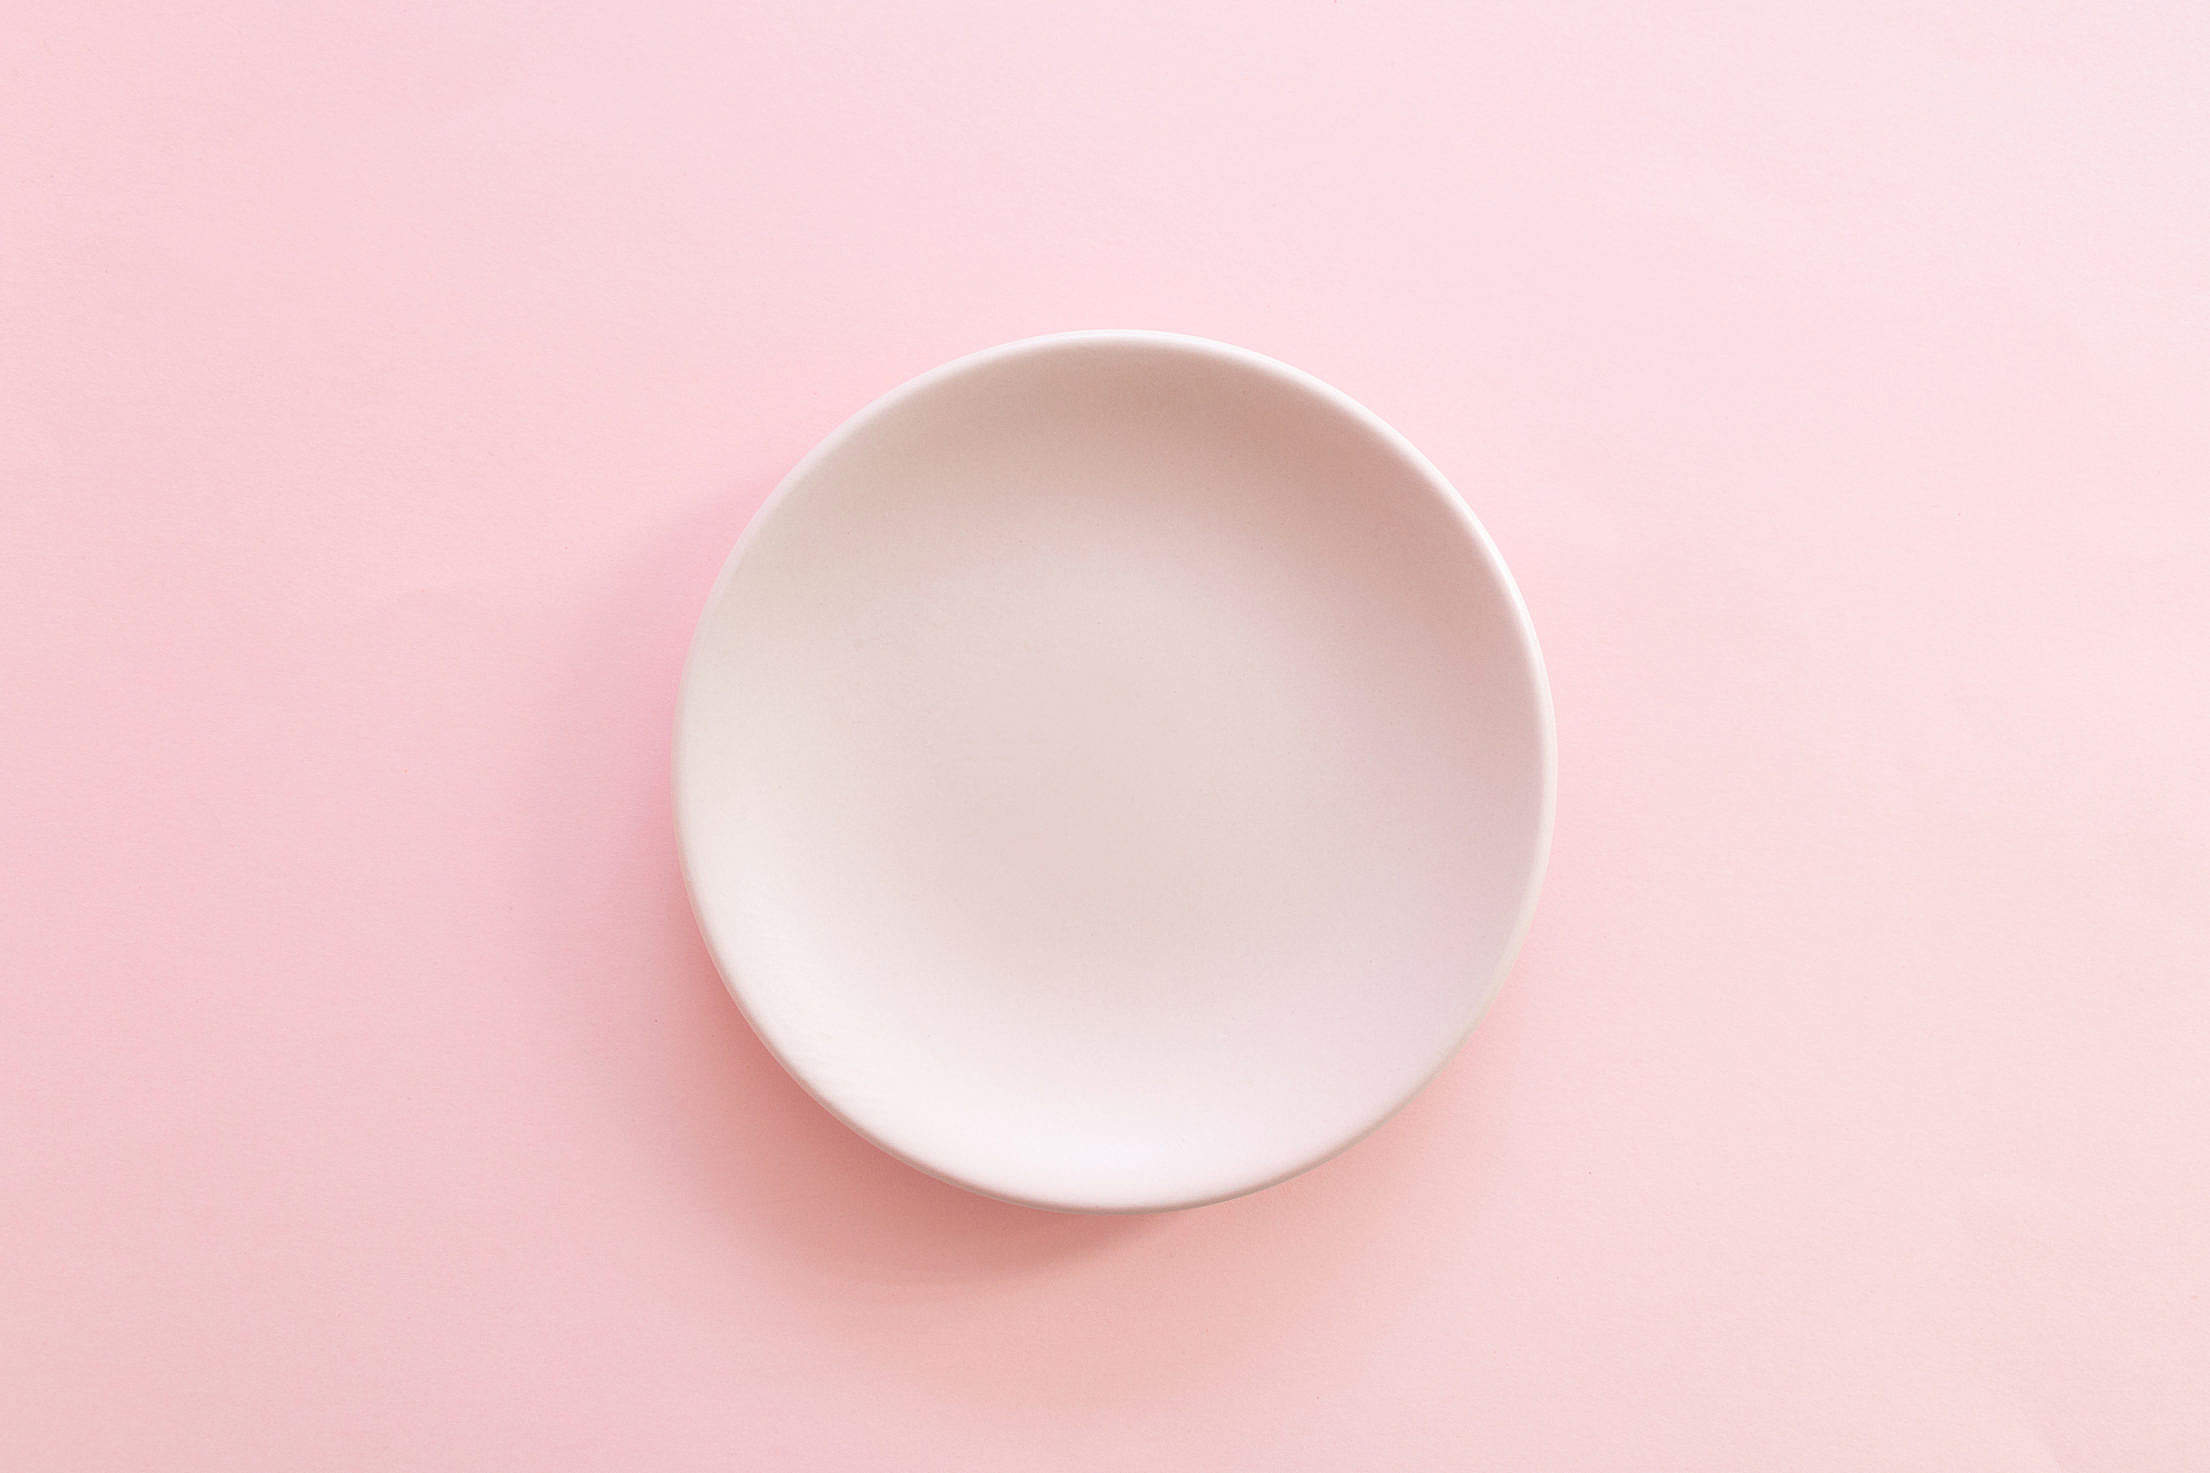 Pink Plate Minimalism Free Stock Photo